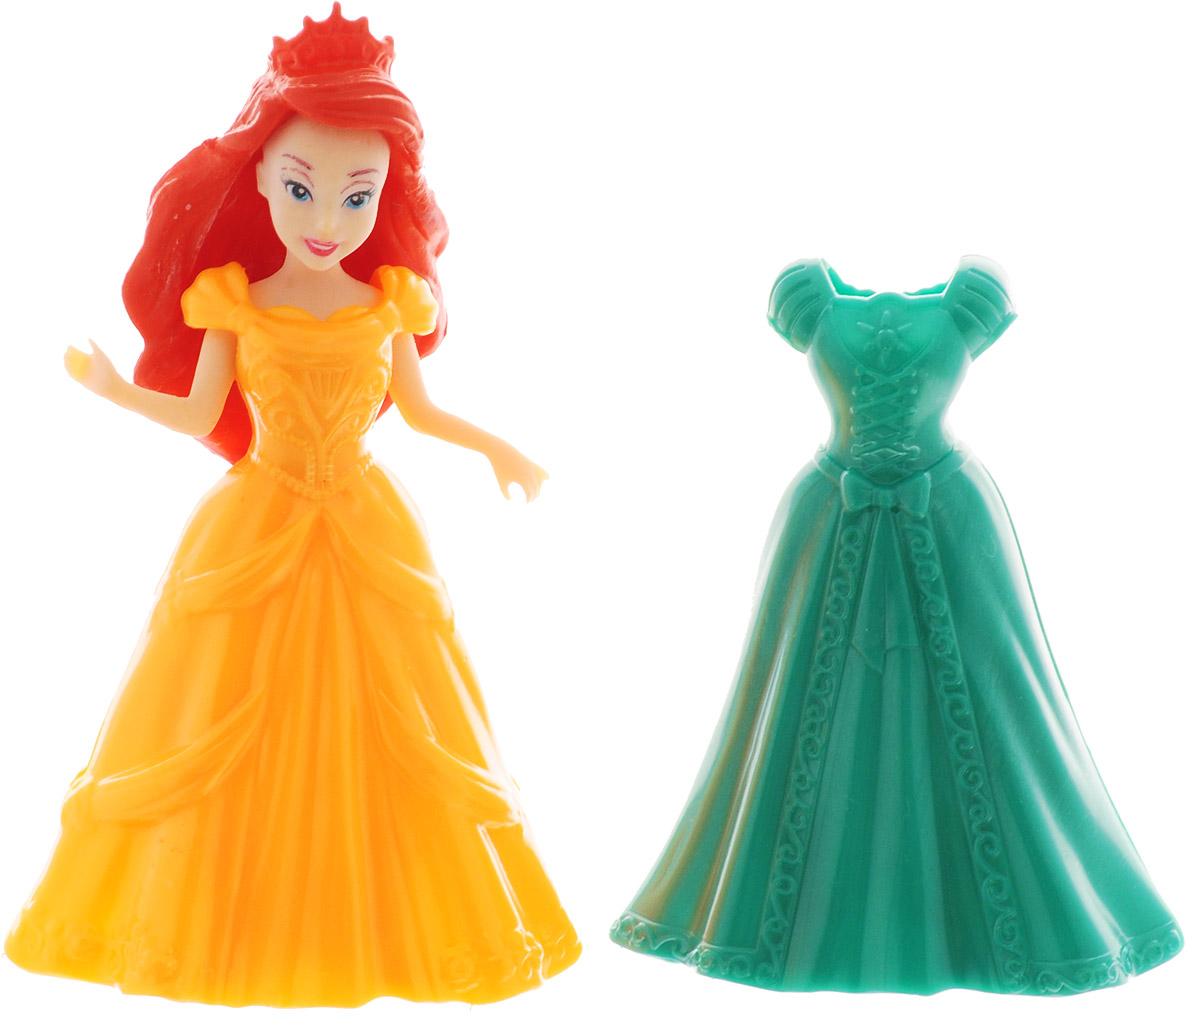 1TOY Мини-кукла Красотка цвет платья оранжевый зеленый